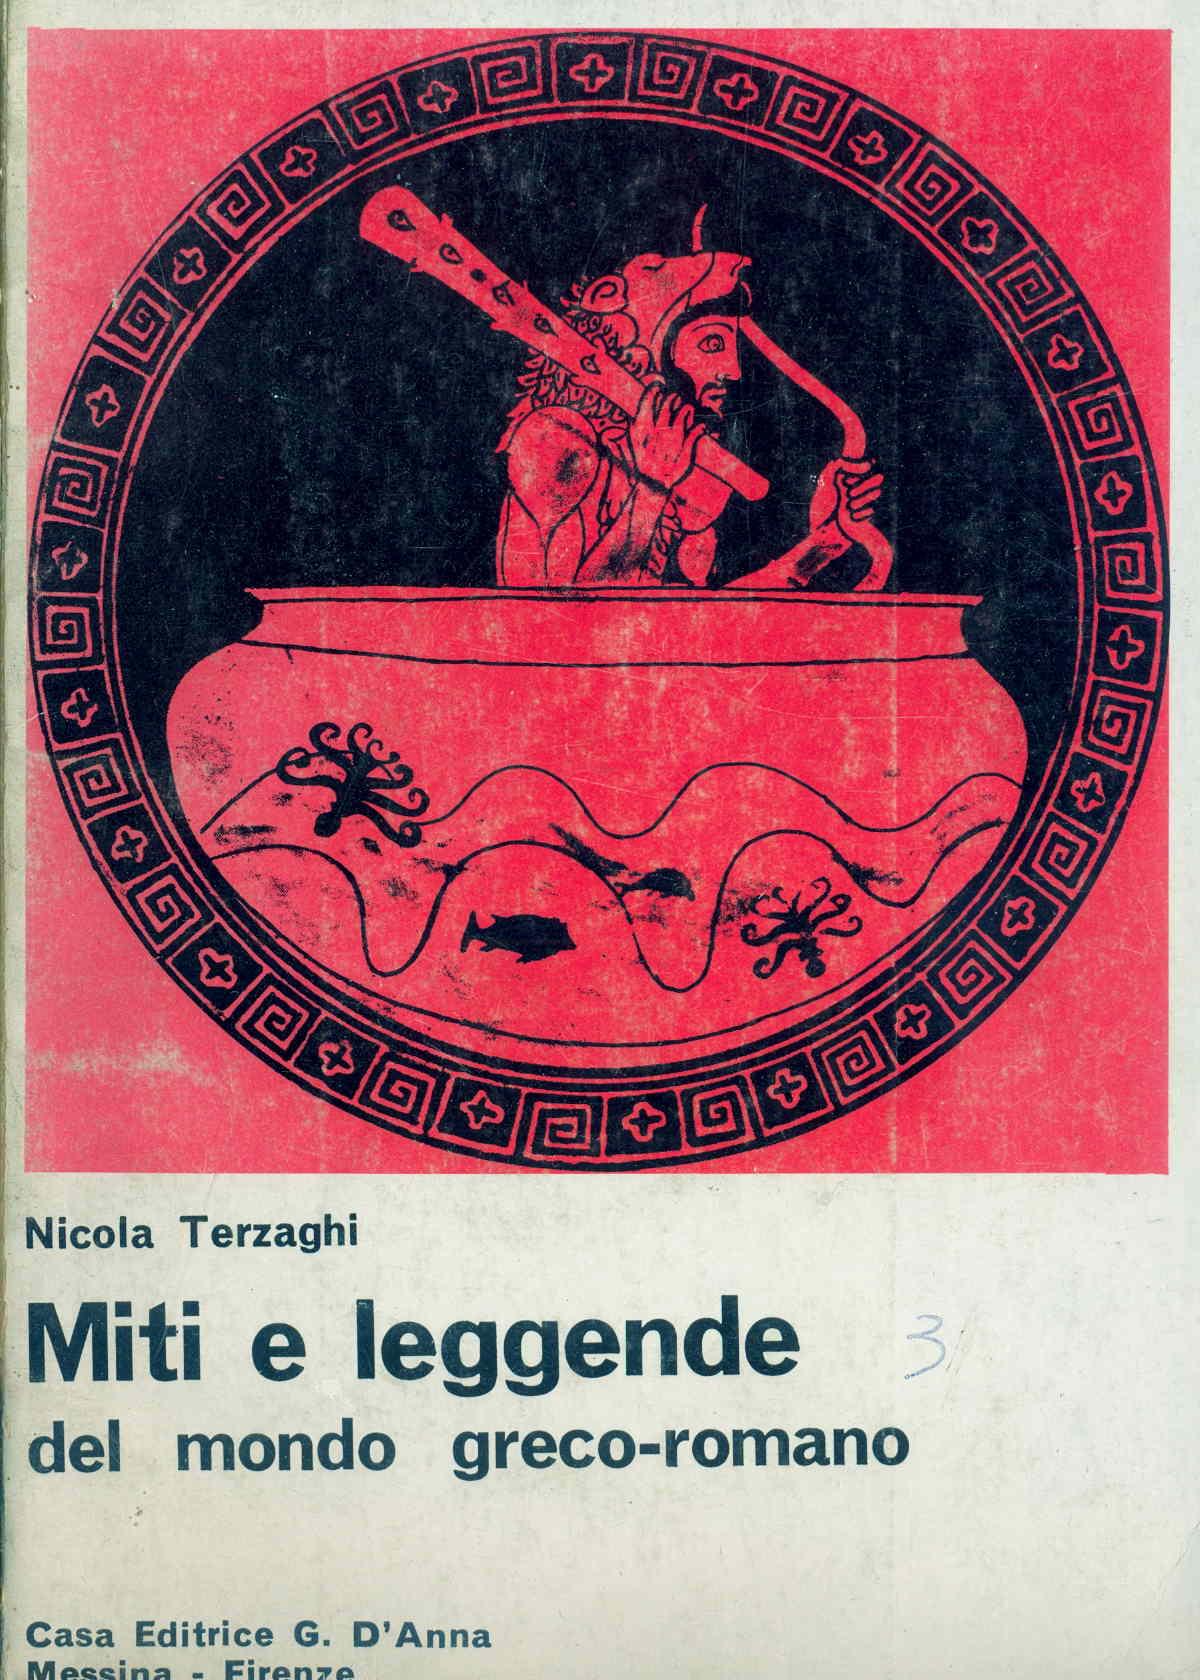 Miti e leggende del mondo greco-romano